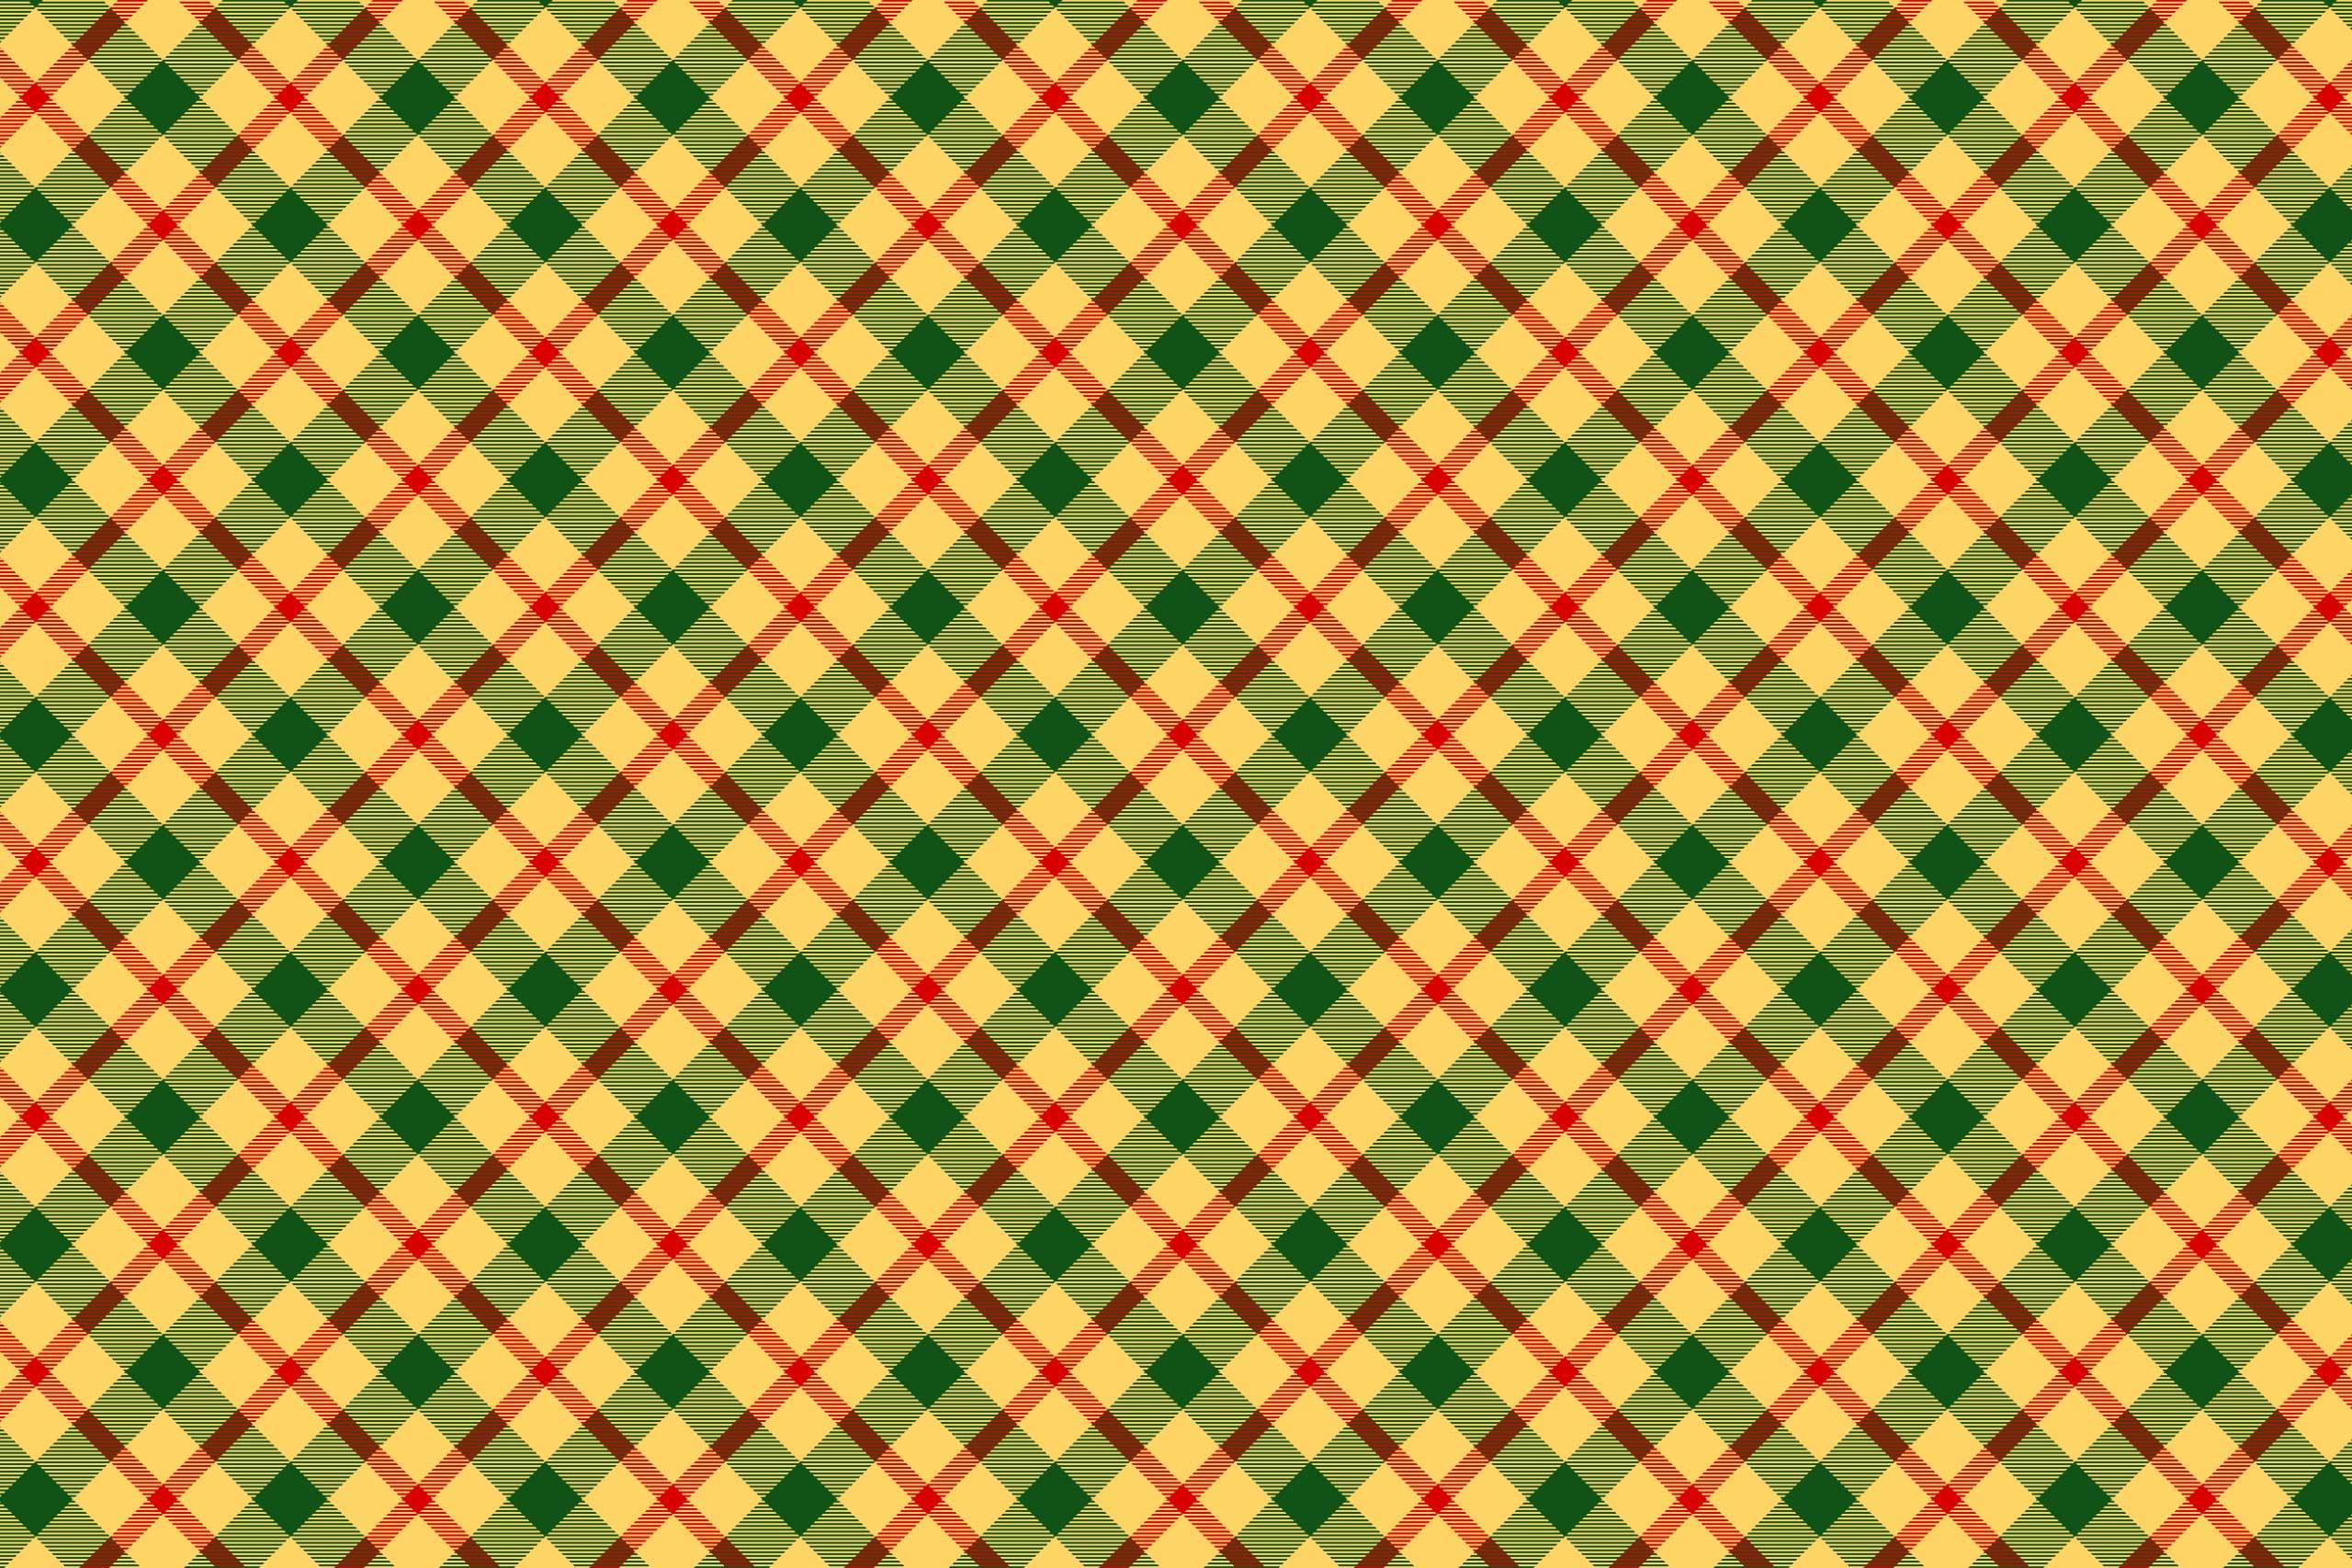 Клетчатая ткань с зелёными и красными линиями на жёлтом фоне.